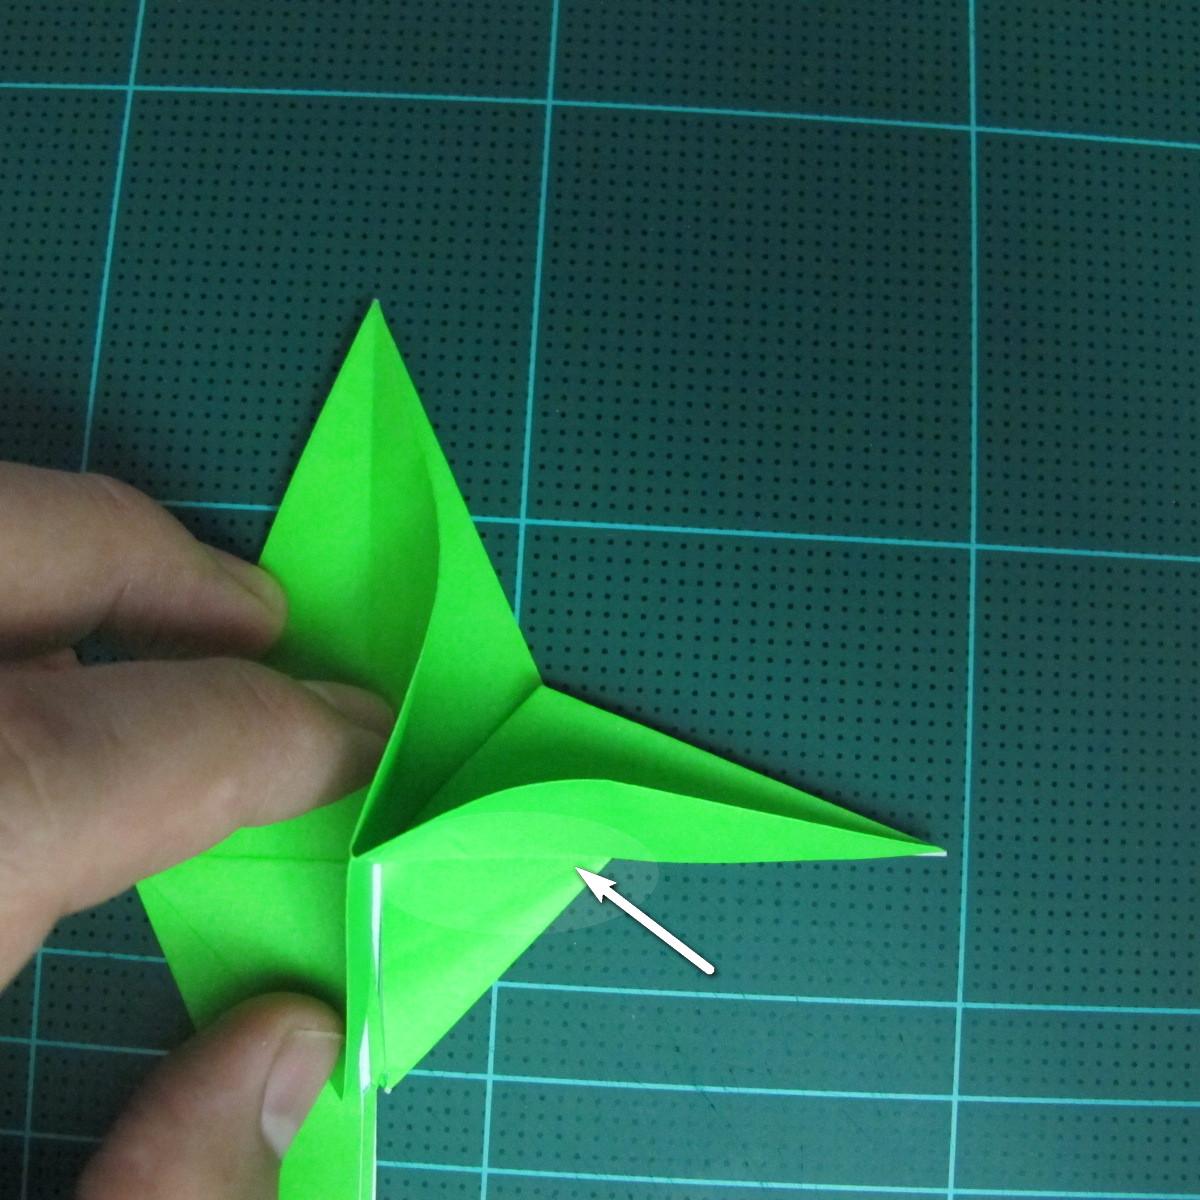 วิธีพับกระดาษเป็นจรวด X-WING สตาร์วอร์ (Origami X-WING) 023